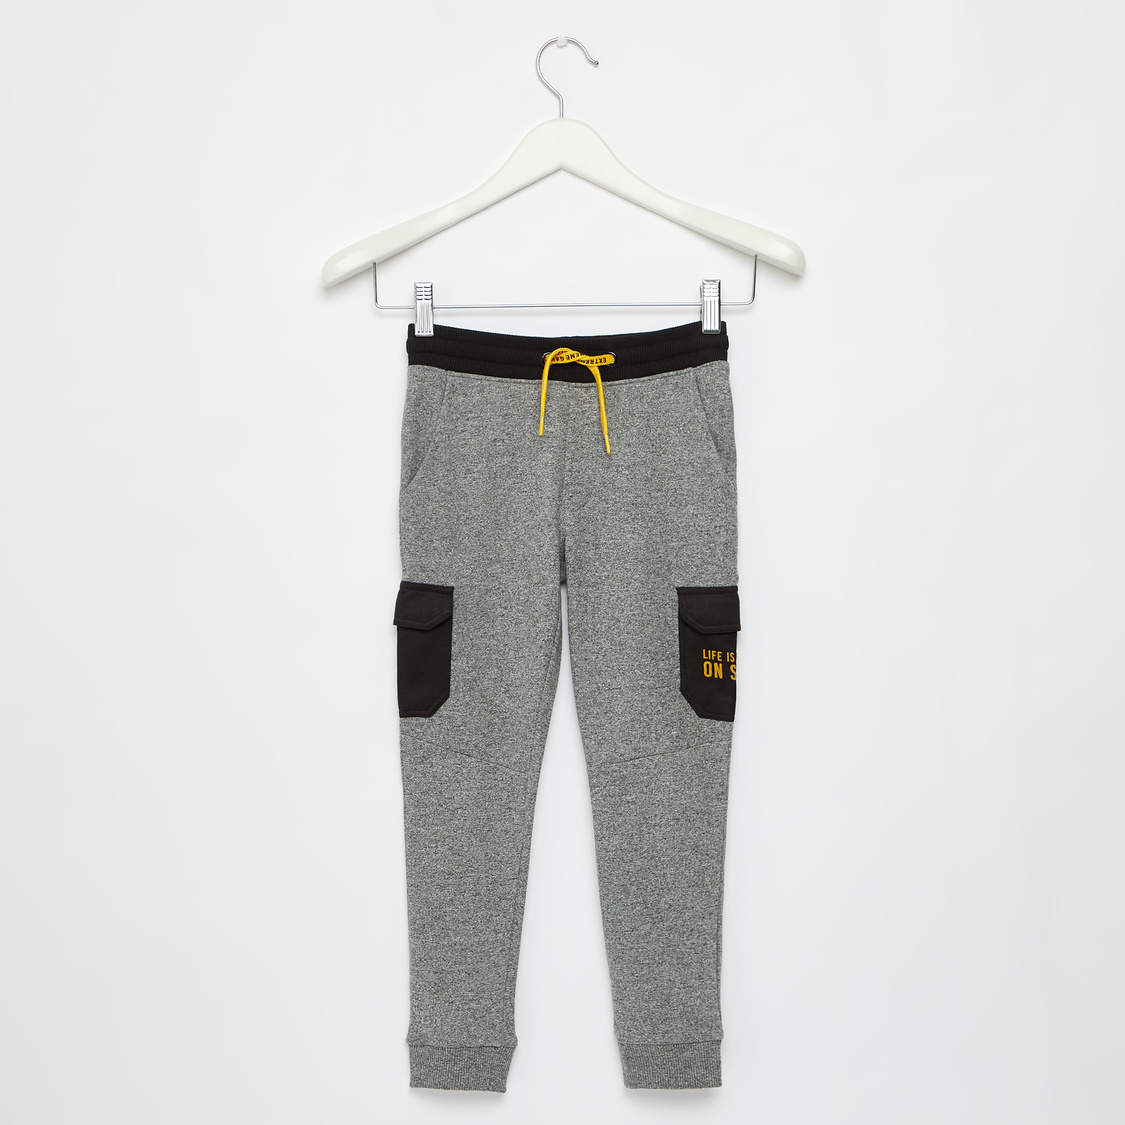 Full Length Printed Jog Pants with Pockets and Drawstring Closure